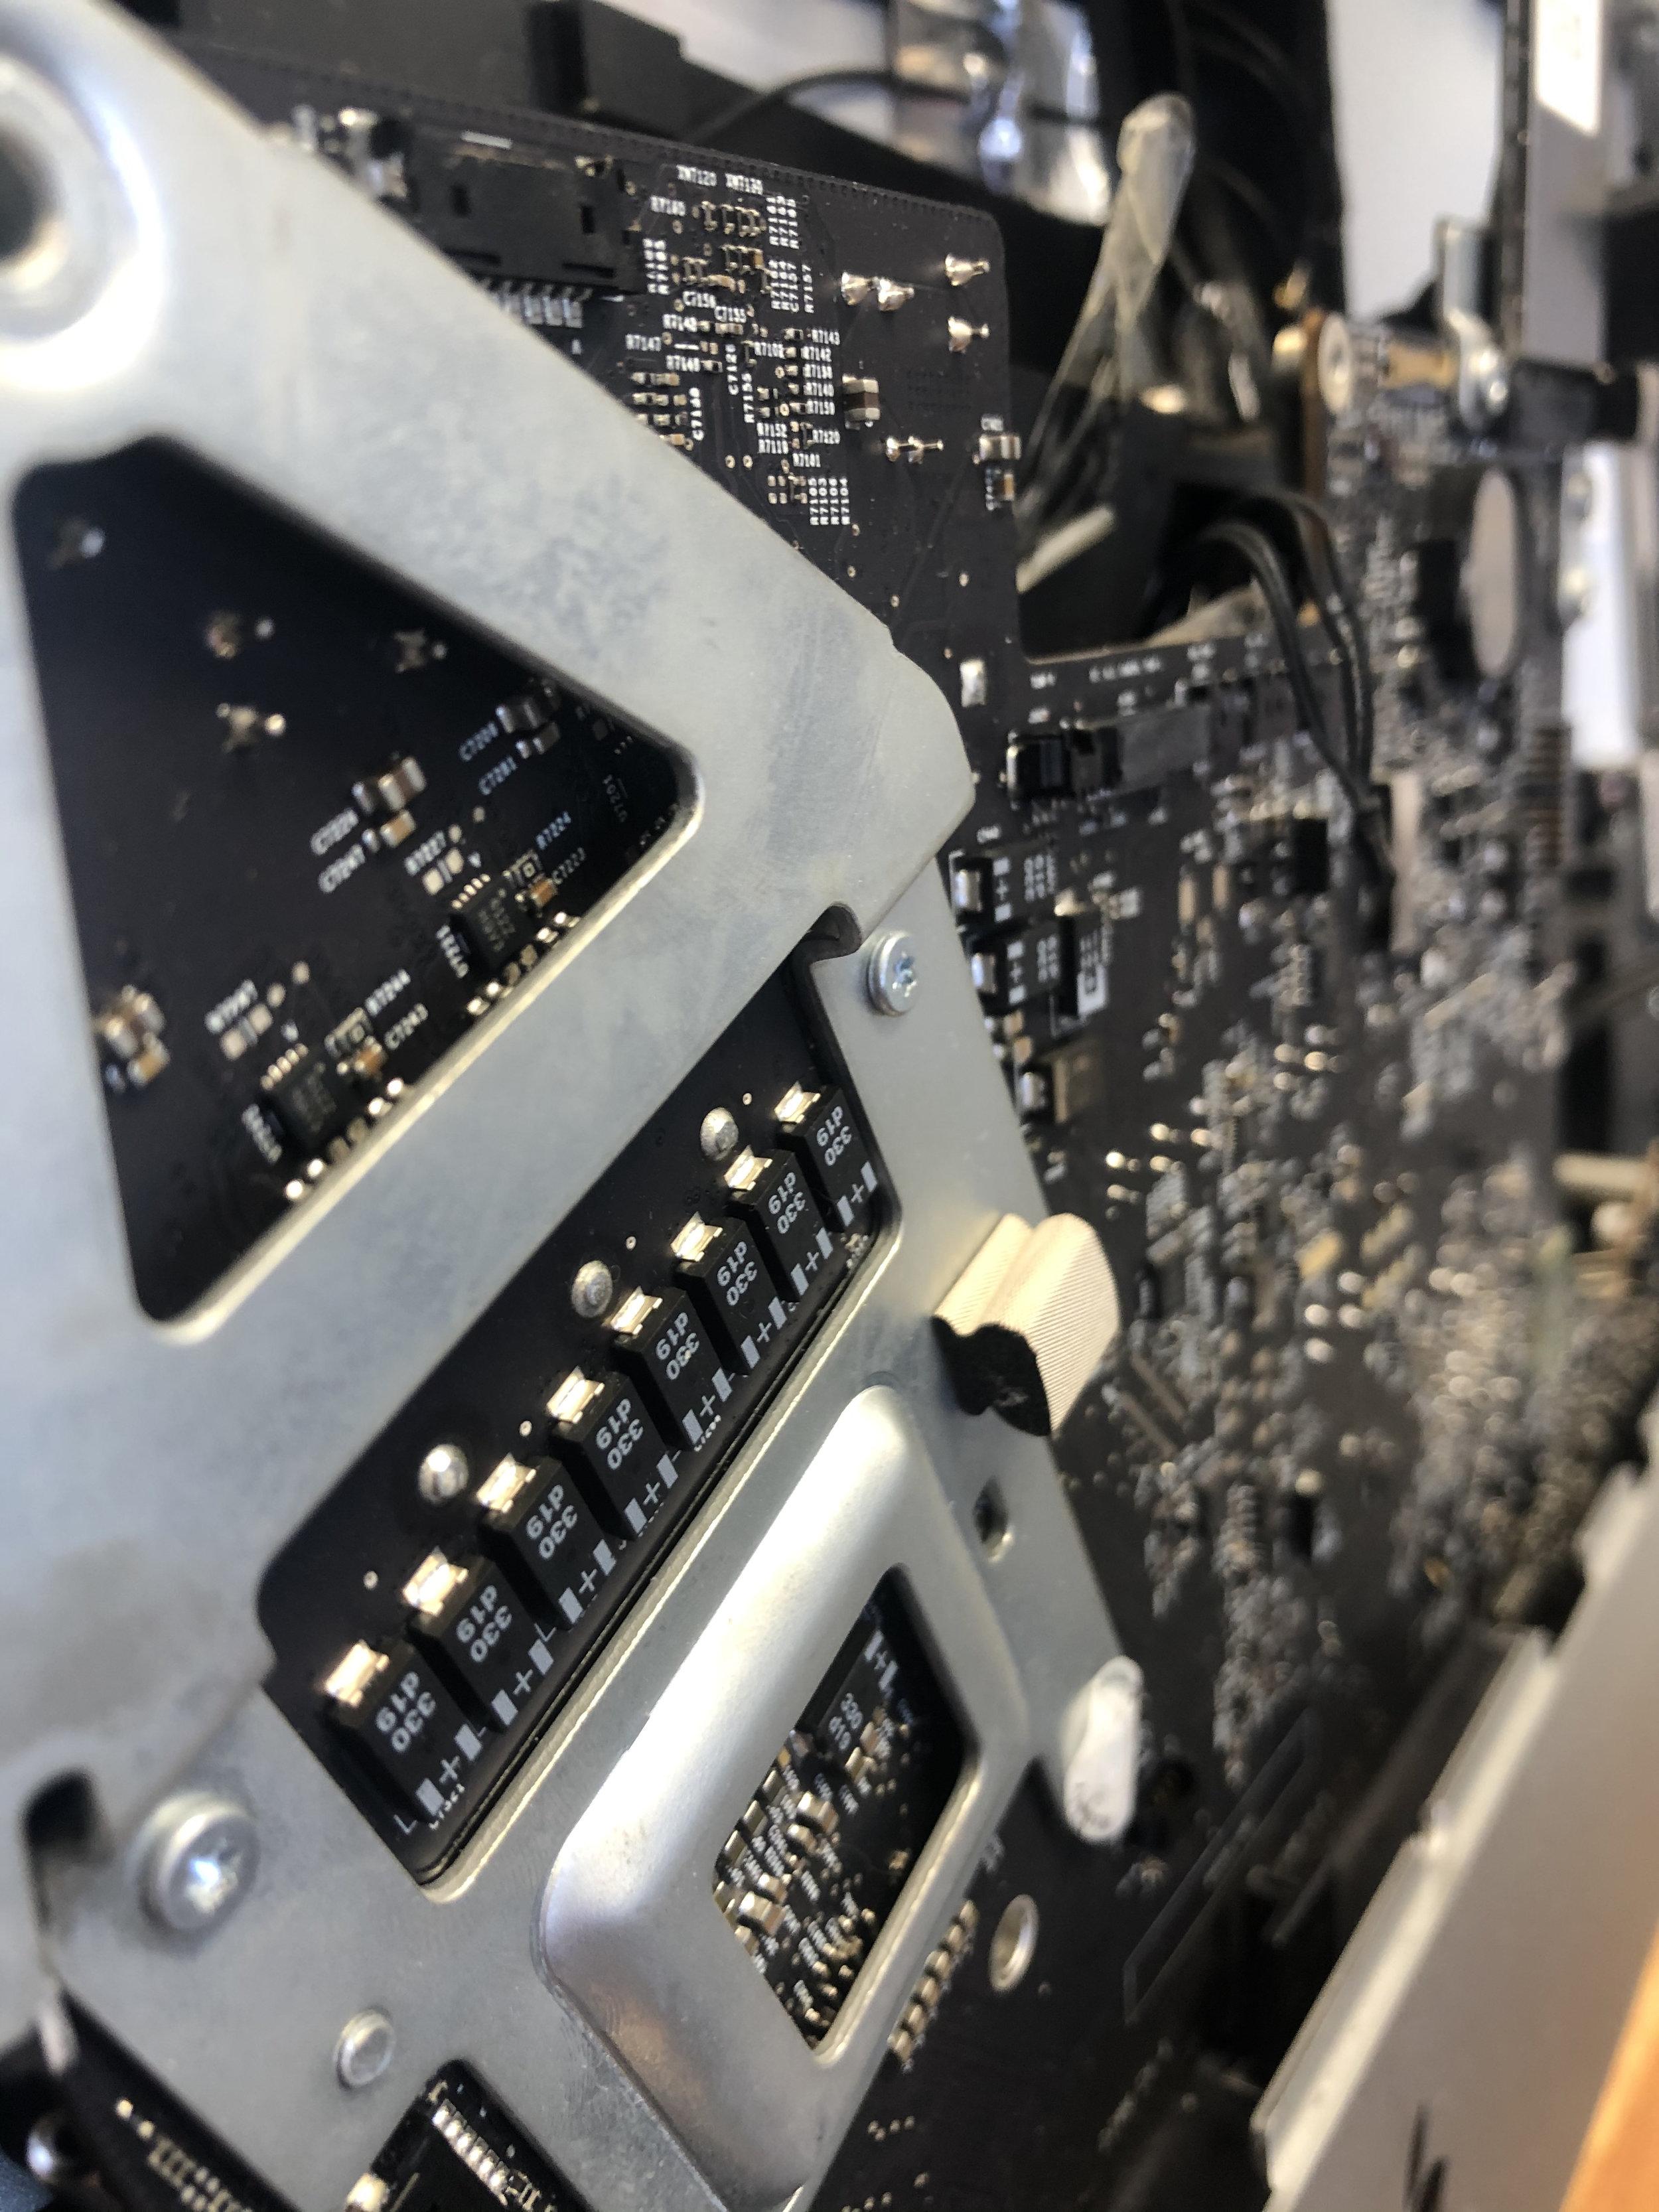 Repair iMac image.jpg